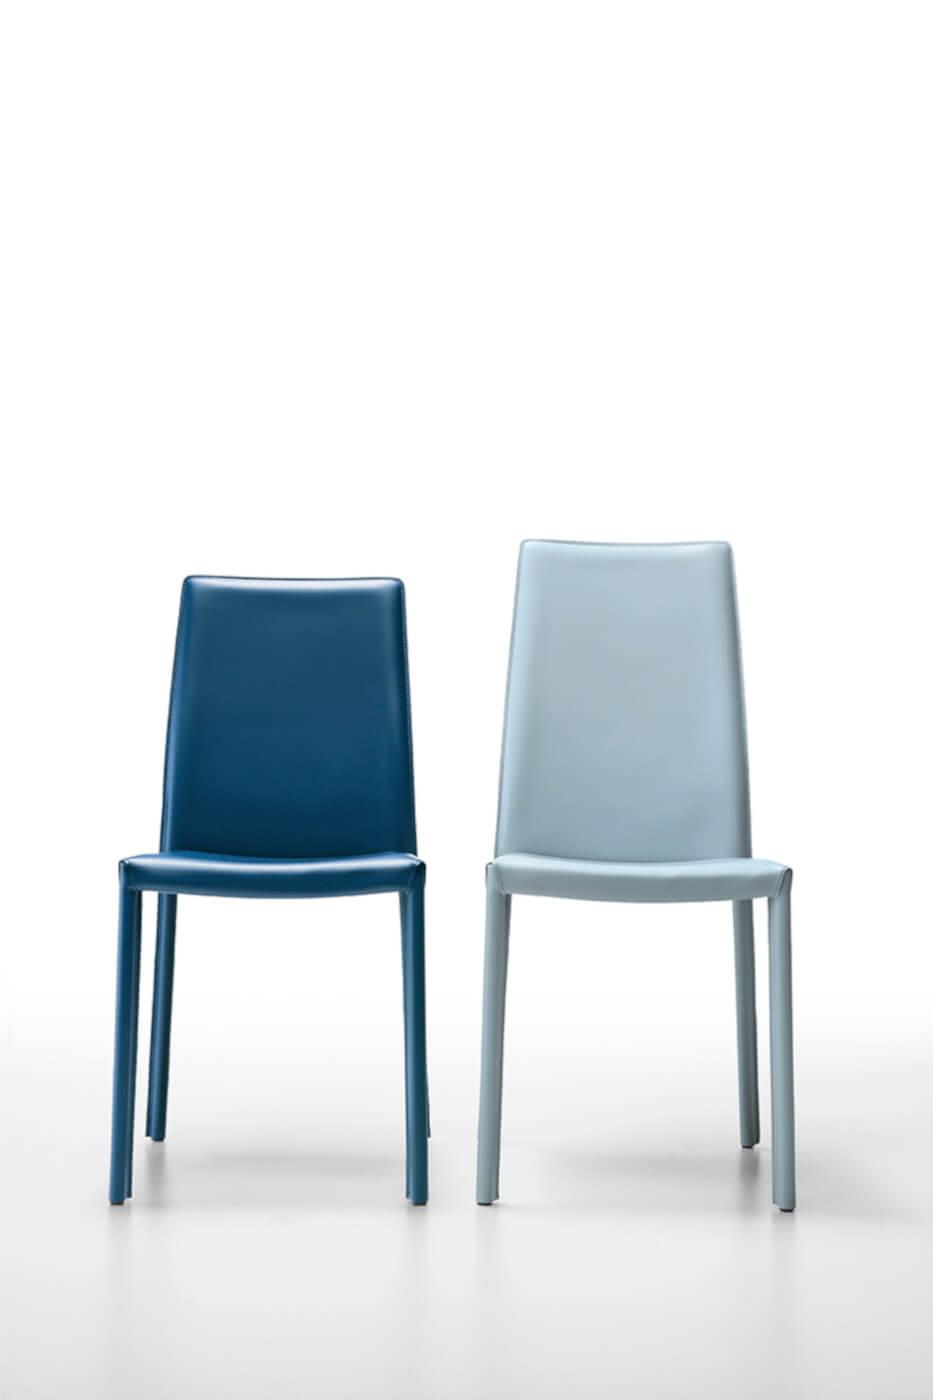 Sedia con schienale alto Nuvola interamente rivestita in cuoio azzurro